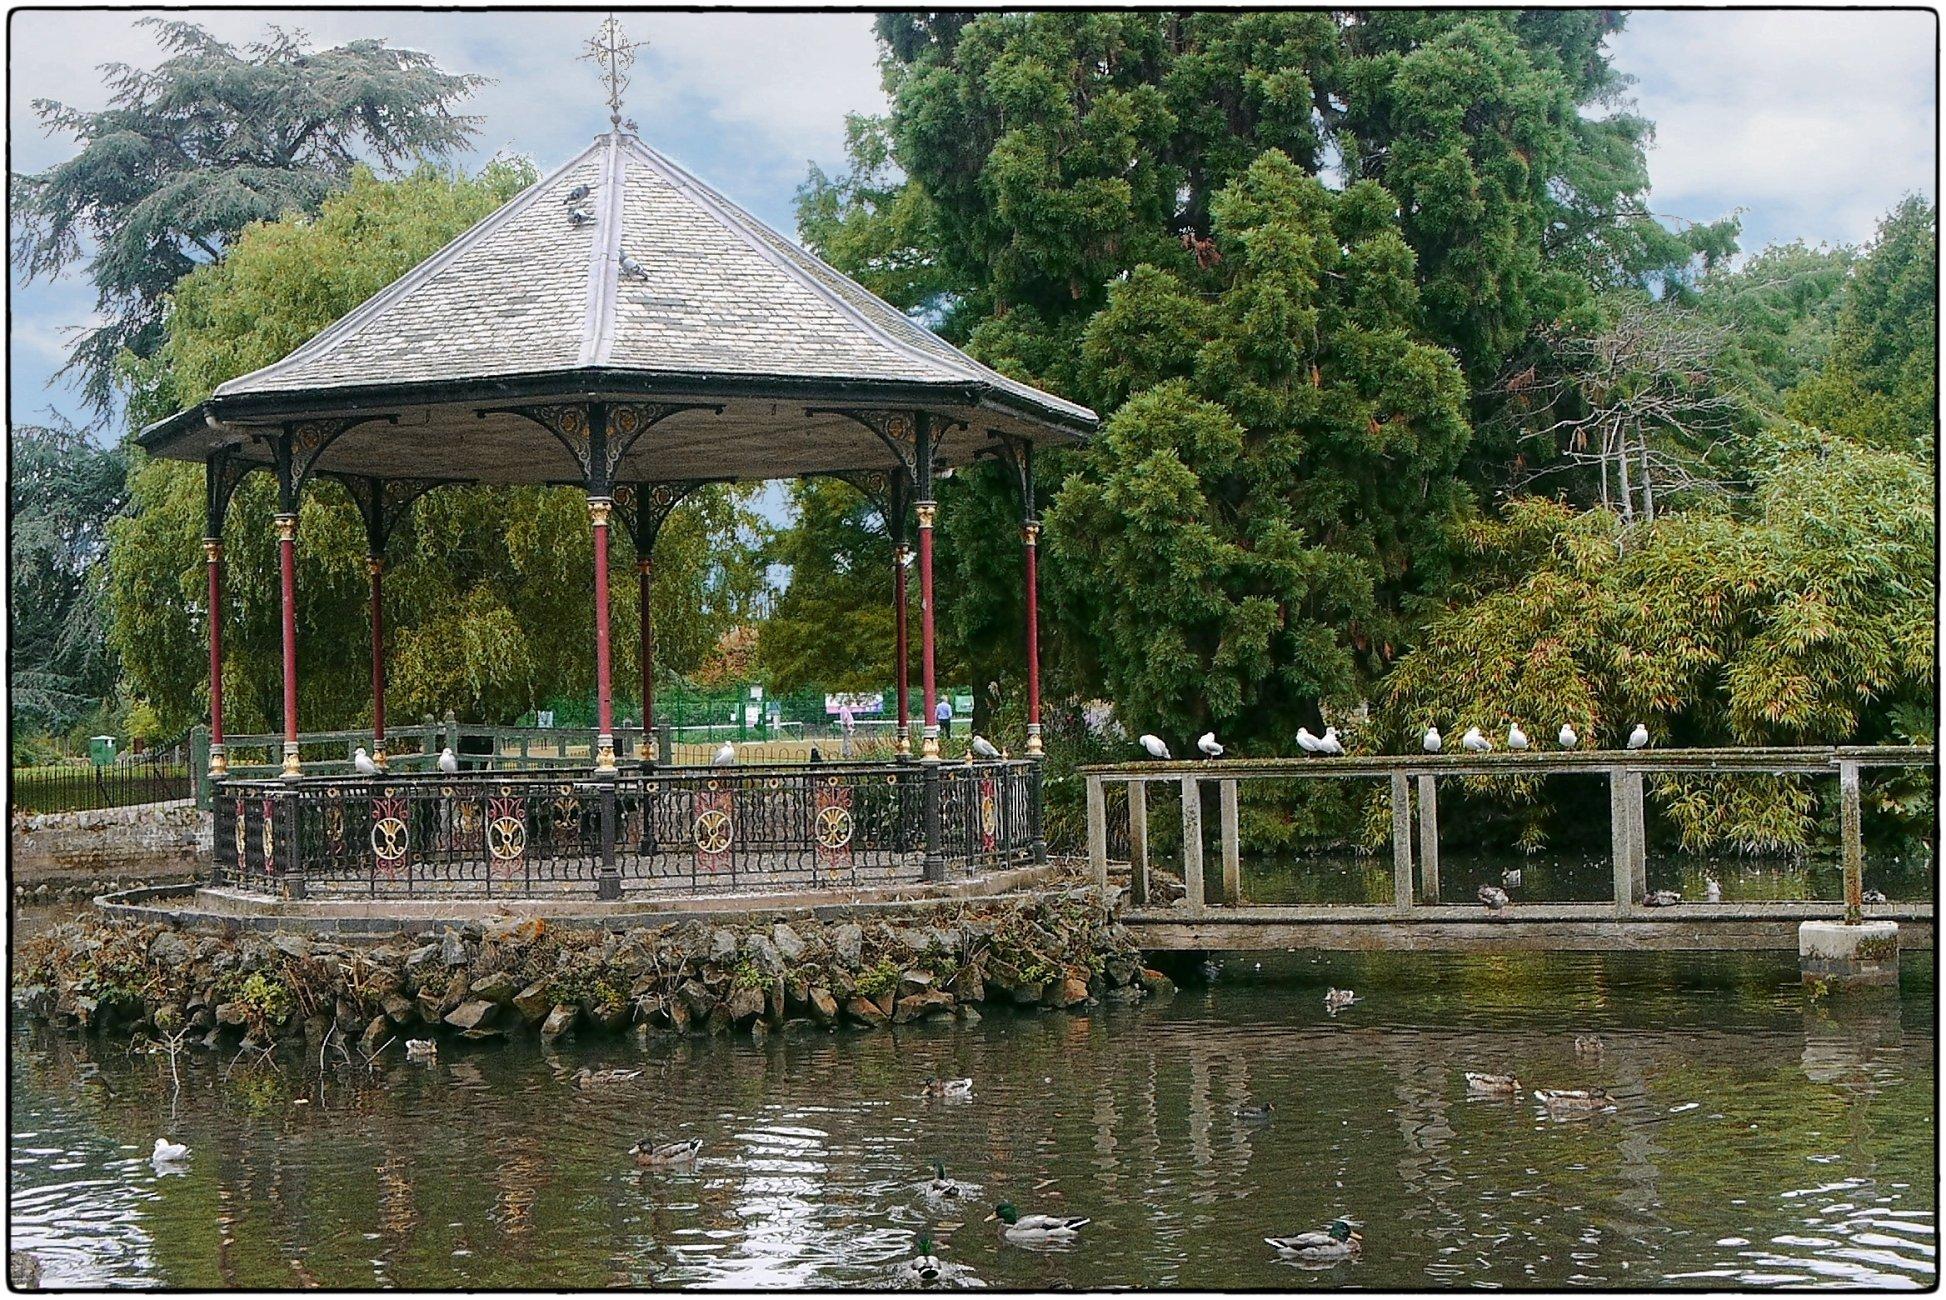 Gheluvelt Park Bandstand.